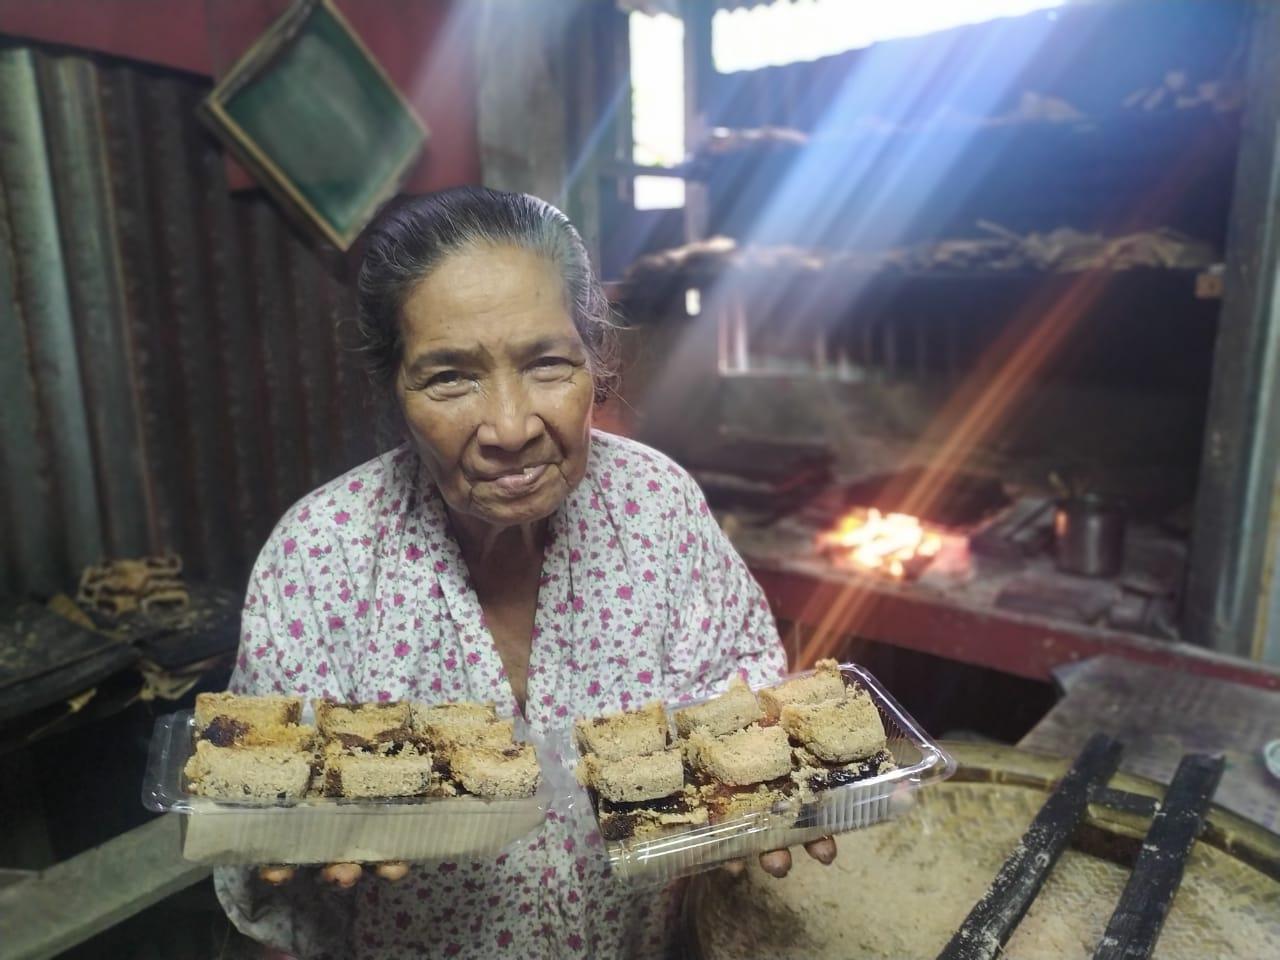 Sagu gula, camilan khas Ambon yang hampir sulit ditemui di pusat Kota Ambon. Oma Tin, seorang nenek yang telah menekuni usaha sagu gula sejak usianya yang masih belia, Desa Amahusu, Kecamatan Nusaniwe, Ambon.